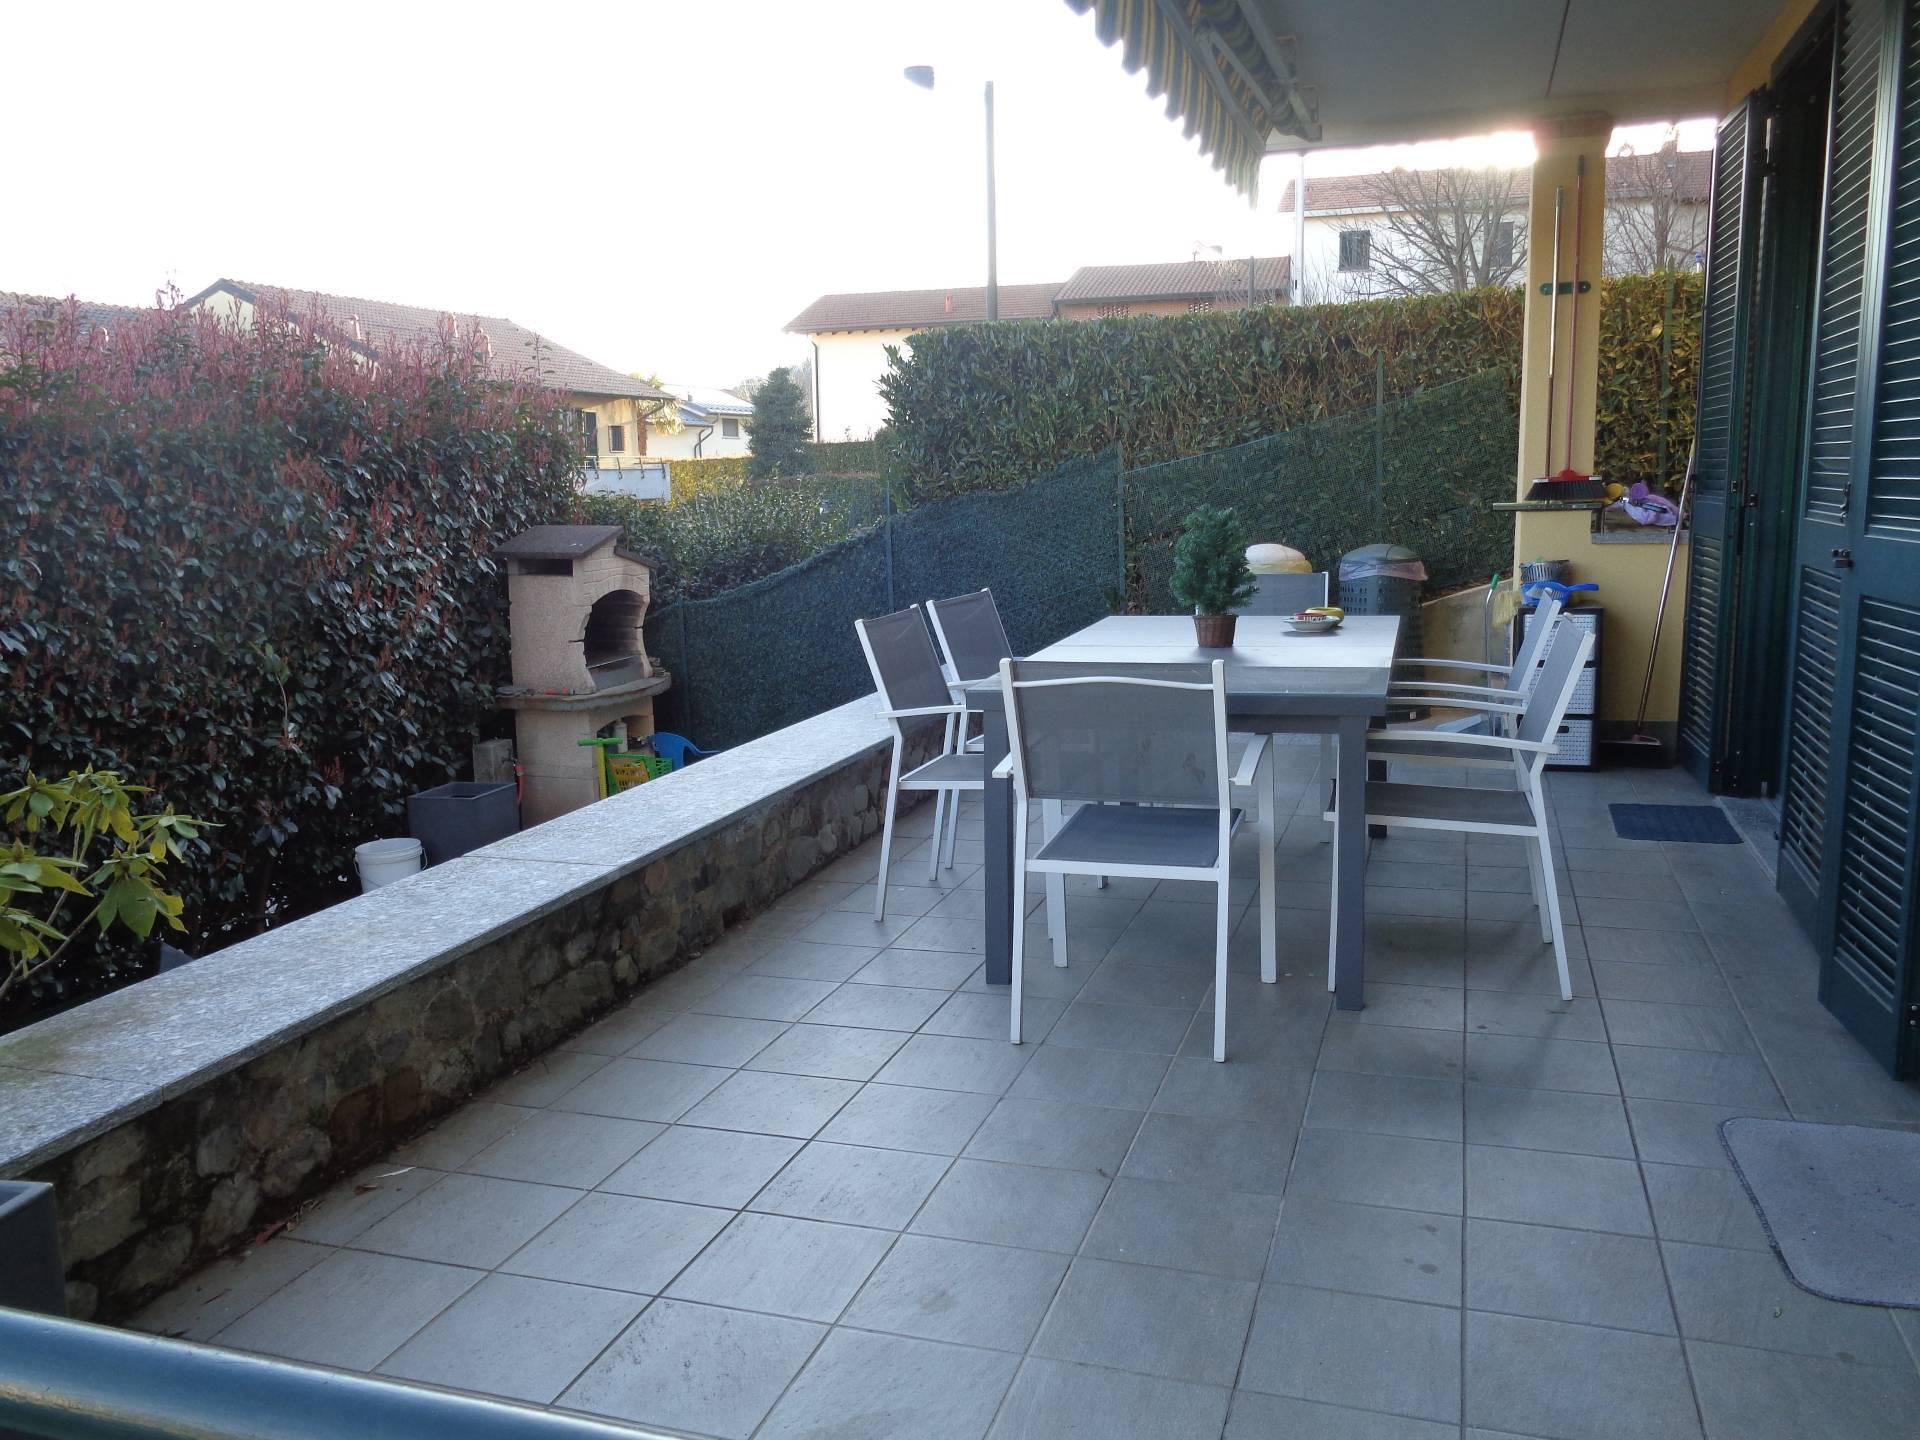 Appartamento in vendita a Cagno, 3 locali, prezzo € 170.000 | PortaleAgenzieImmobiliari.it